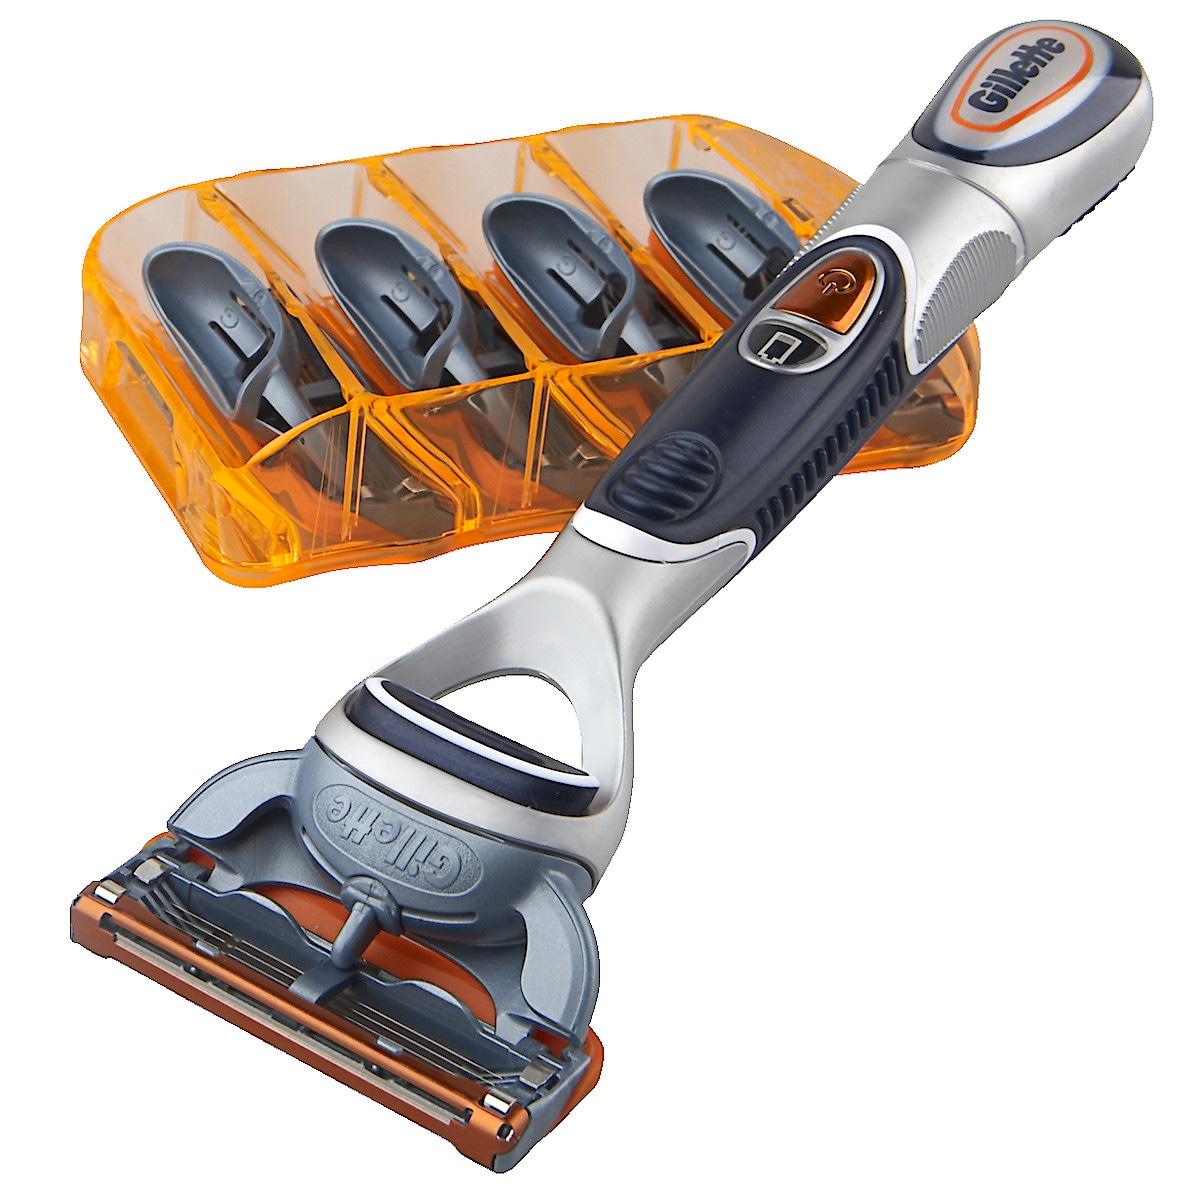 Barberhøvel, Gillette Fusion Power Phenom